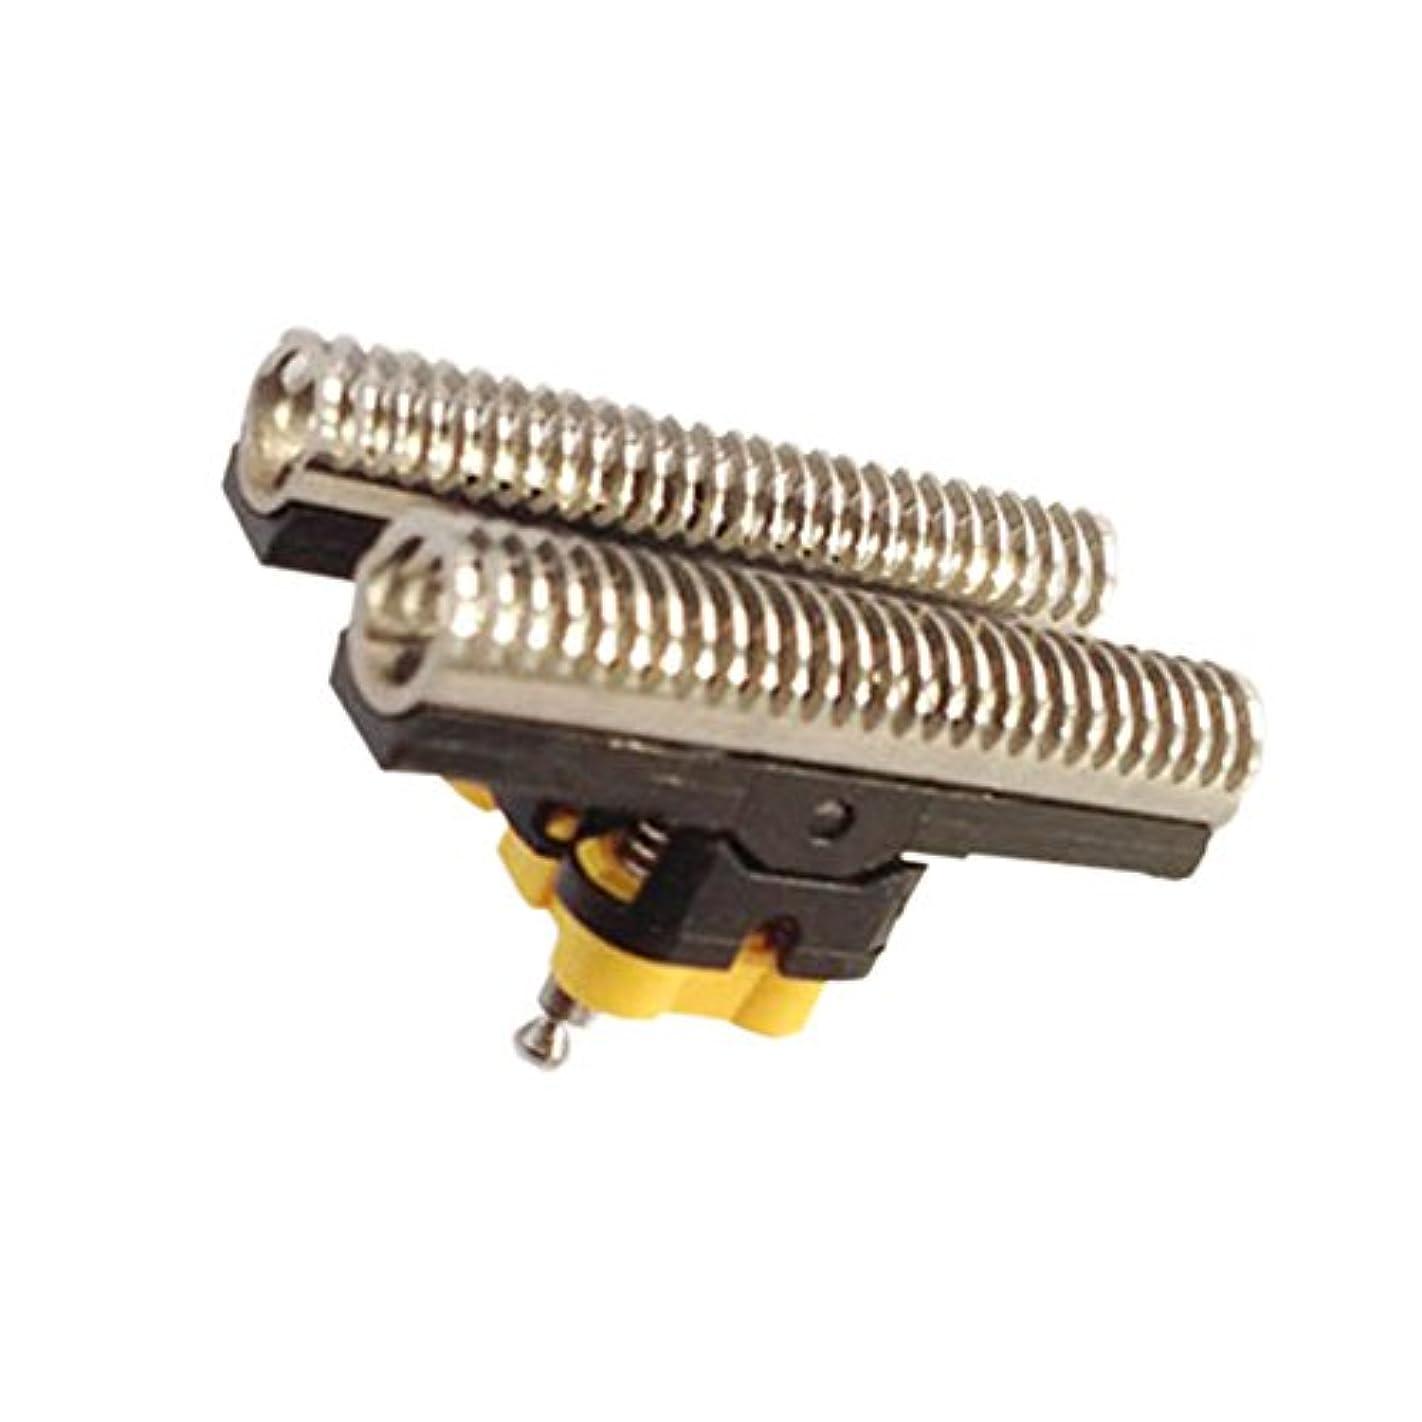 しないでください歯欺HZjundasi Replacement シェーバー 刃 for Braun 8000/7000/6000/5000/4000/3/5 Series